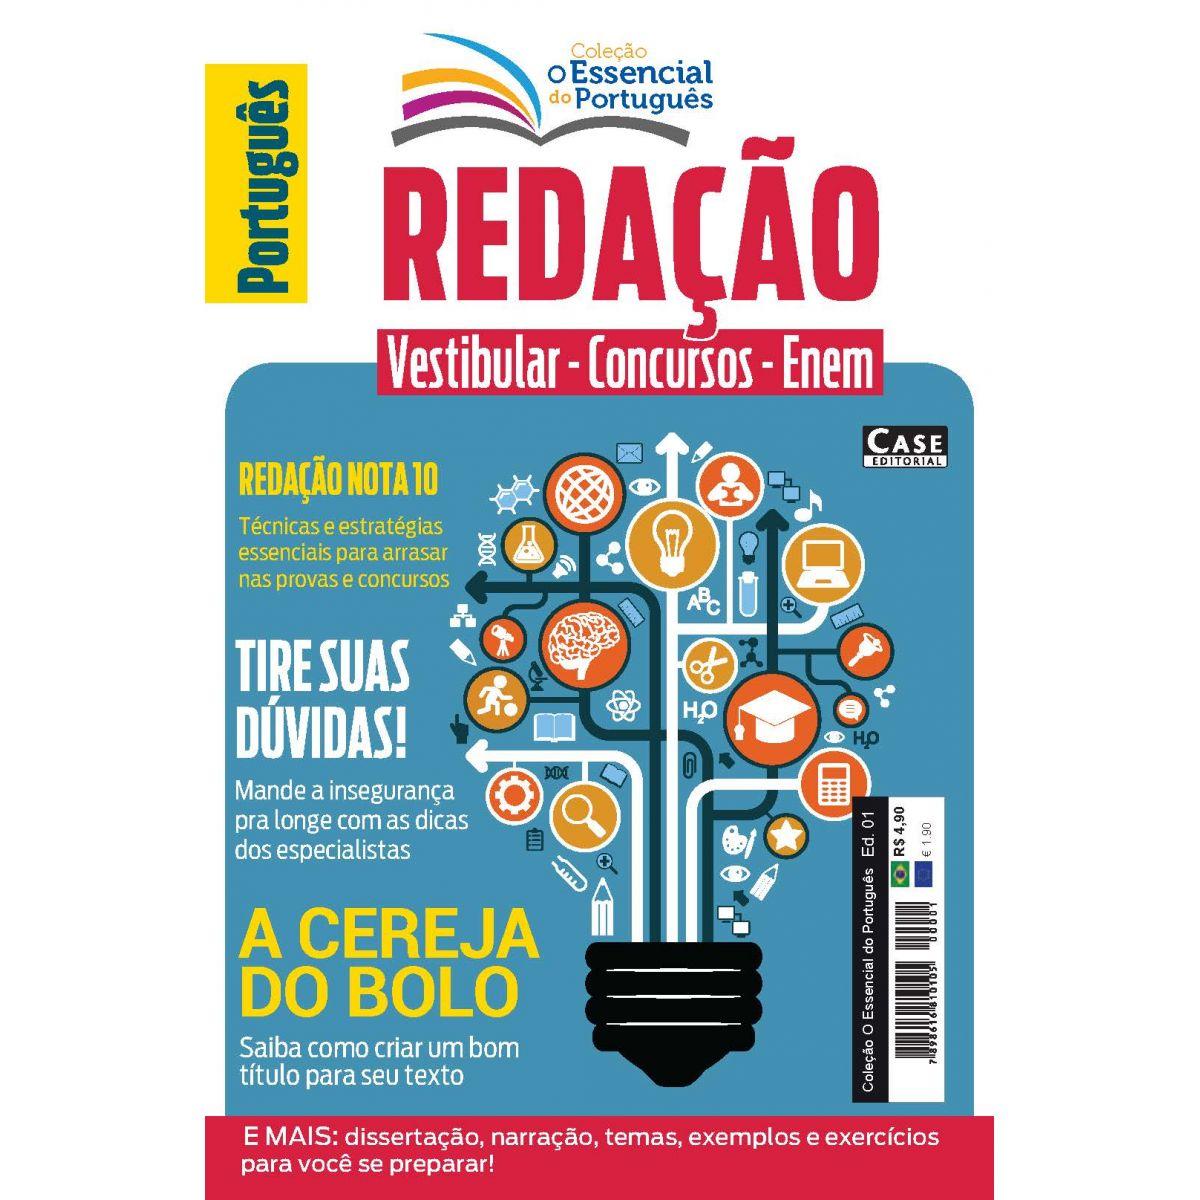 Coleção O Essencial do Português - Edição 01  - Case Editorial